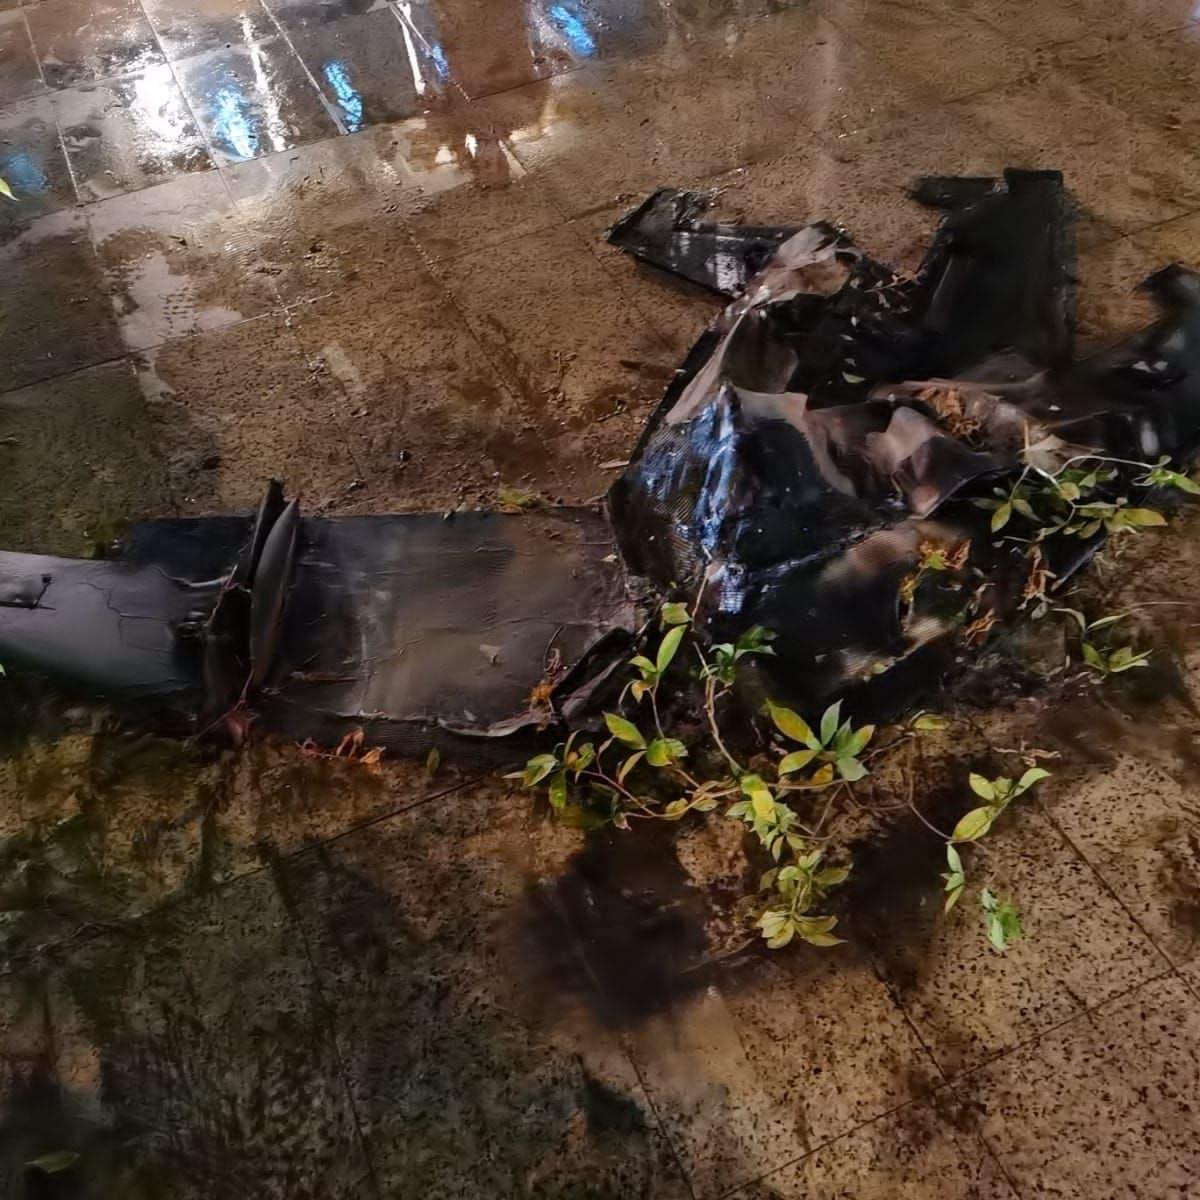 التحالف: مسيرة حوثية تسقط 10 جرحى بمطار جازان.. واعتراض أخرى